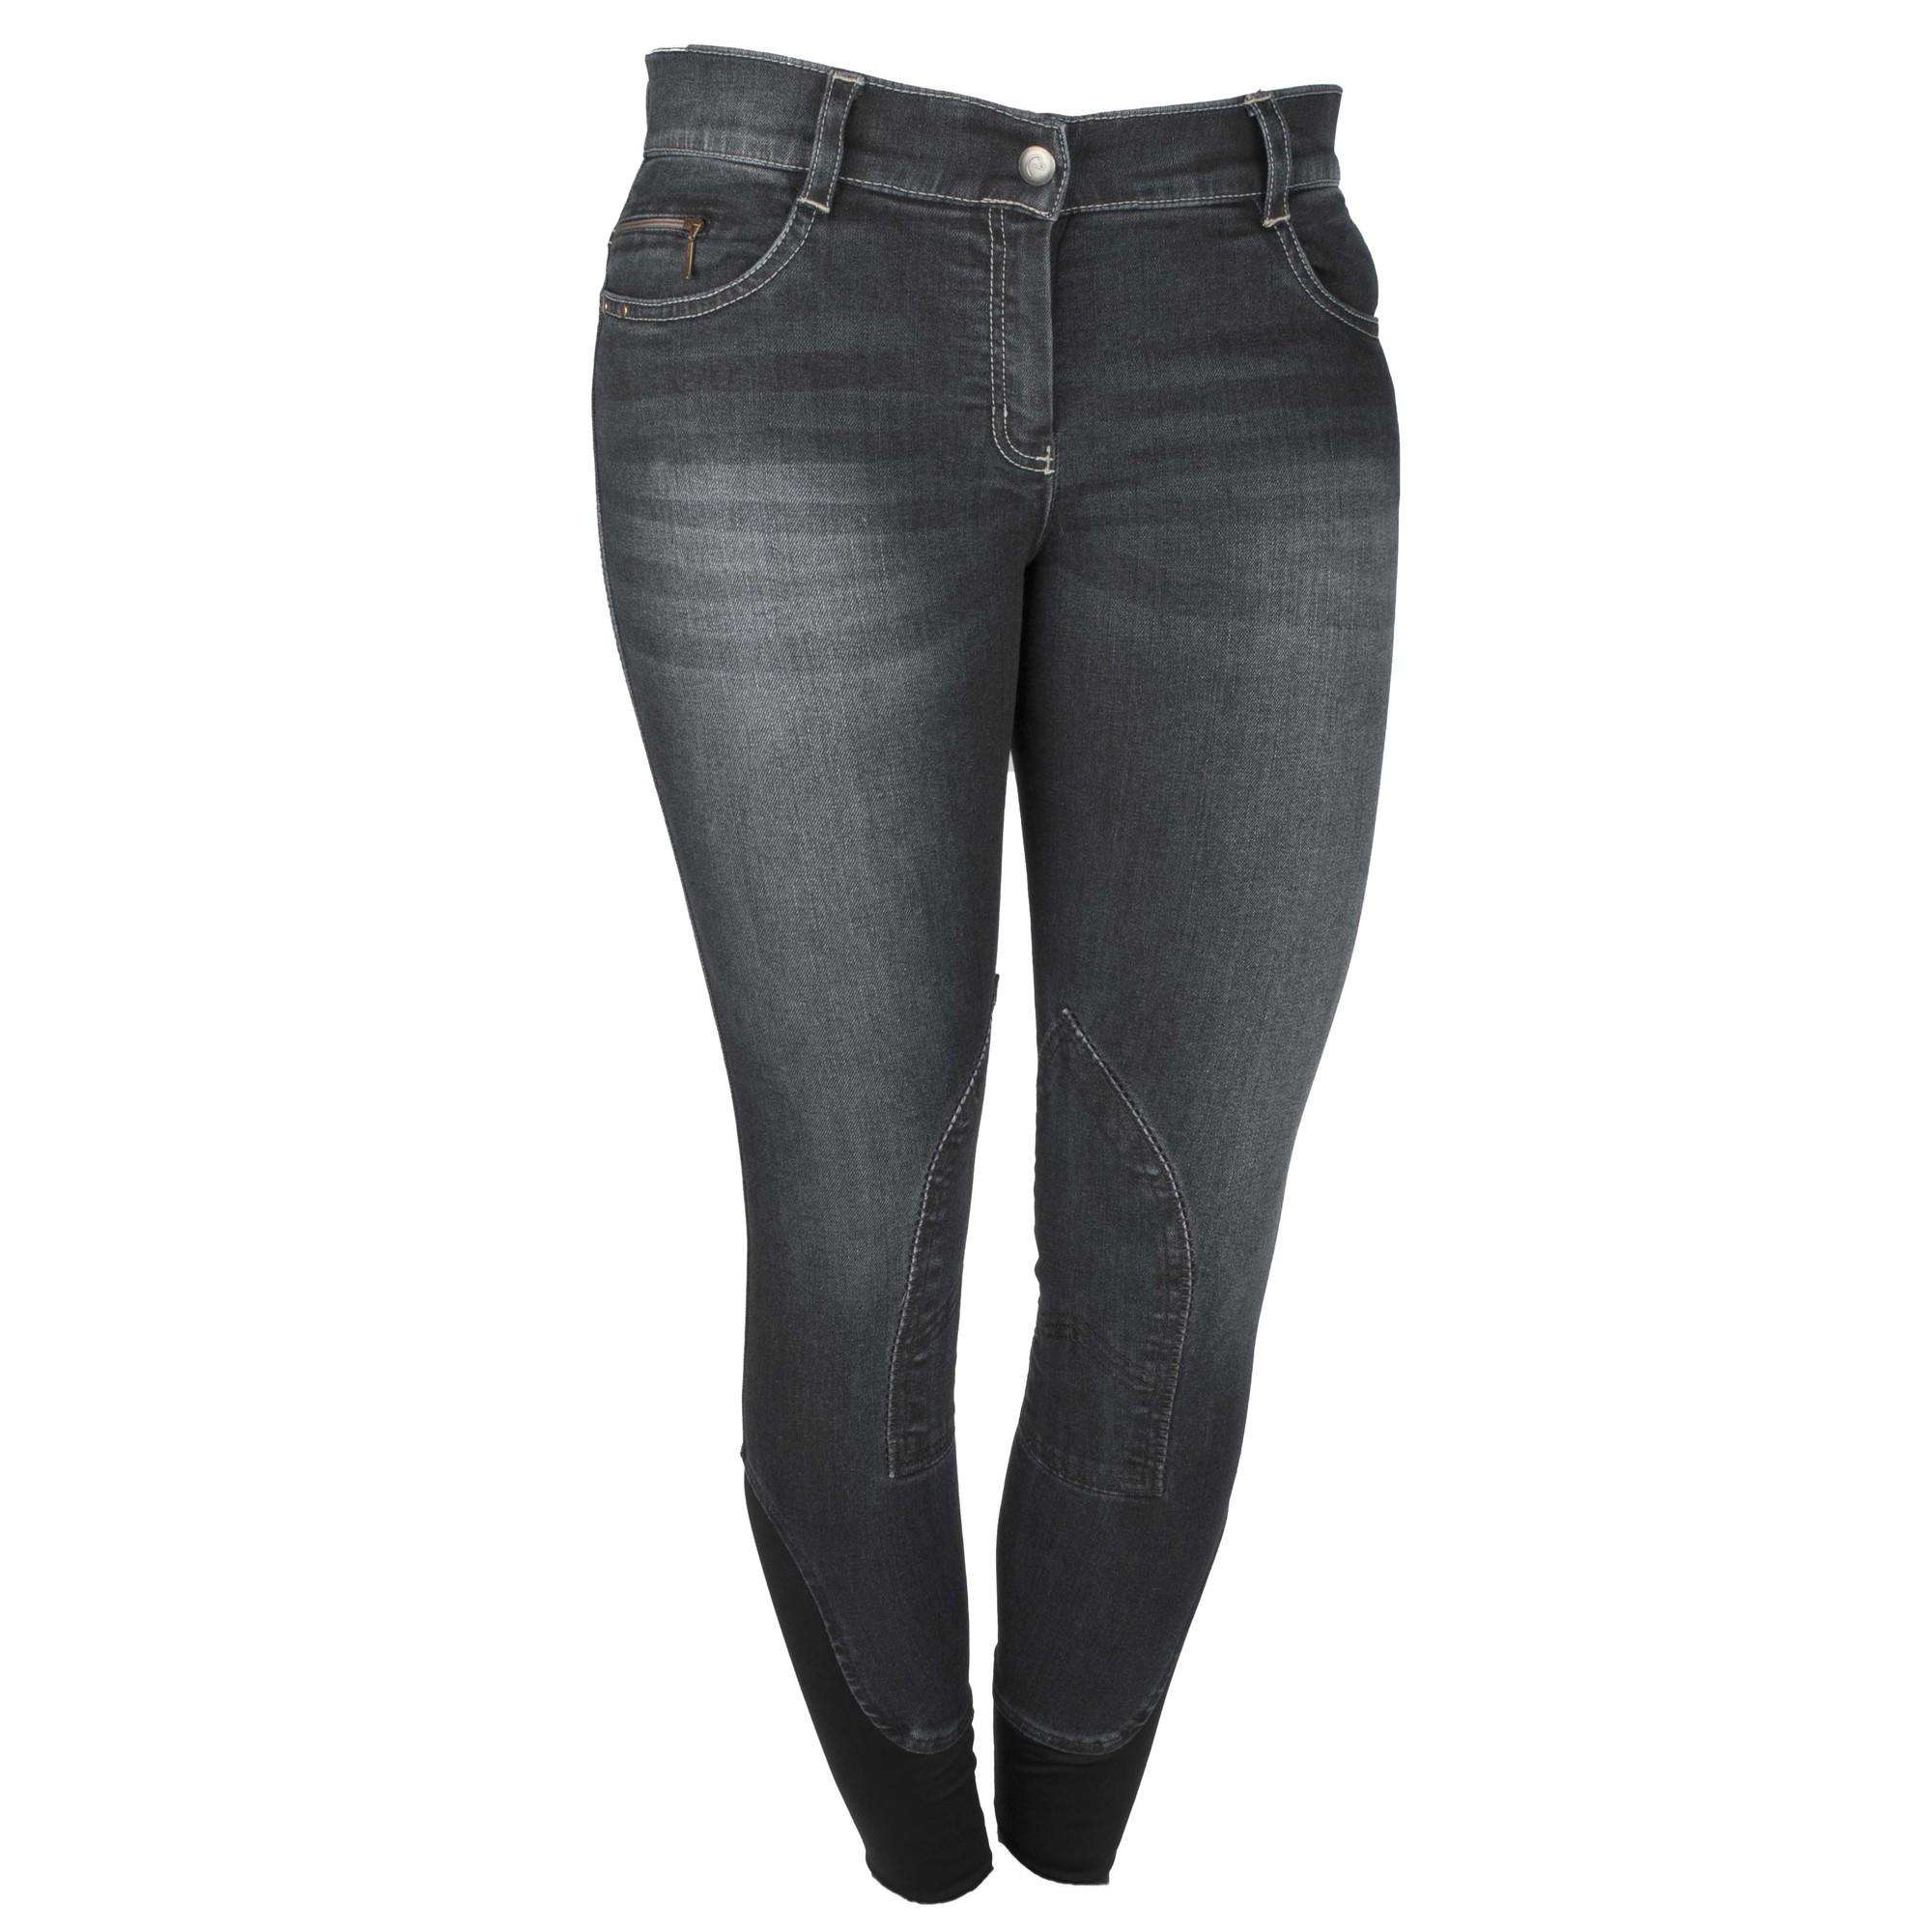 Equitheme Texas jeans rijbroek zwart maat:40